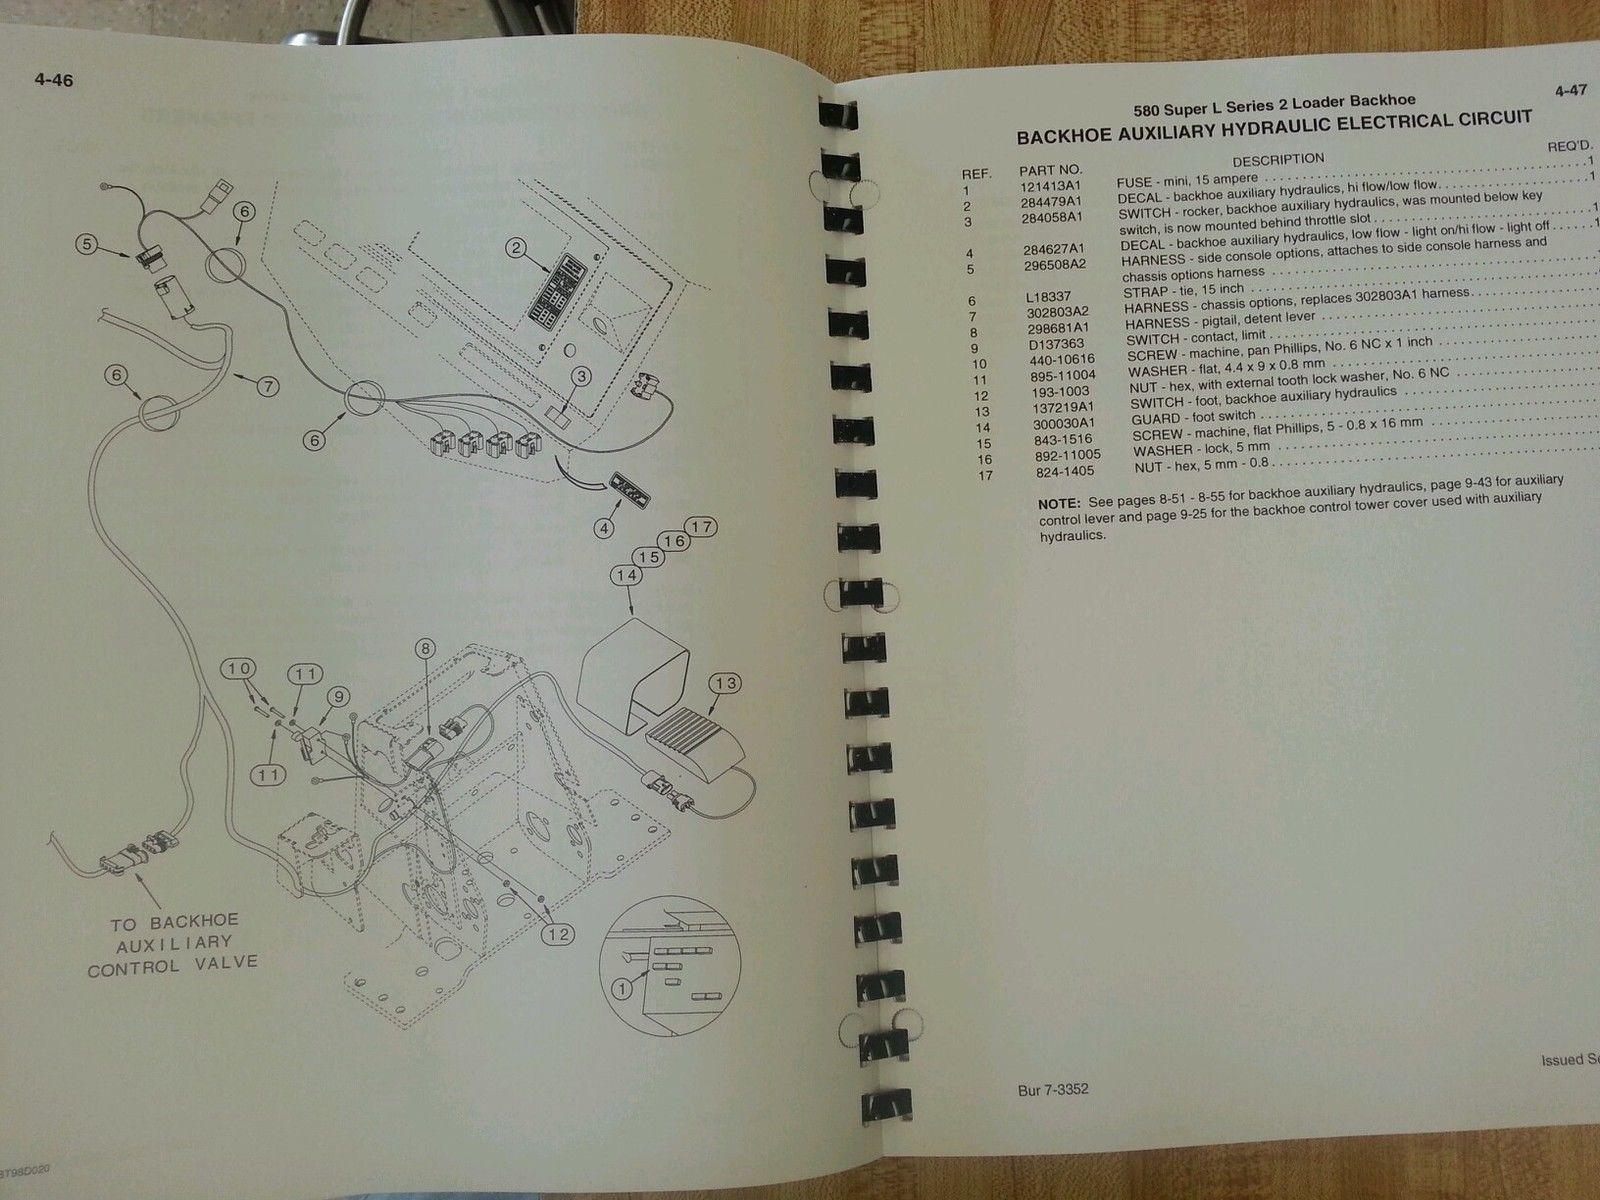 hight resolution of 1998 case 580 super l wiring diagram wiring diagrams schematics 580k 5 way bucket 580k